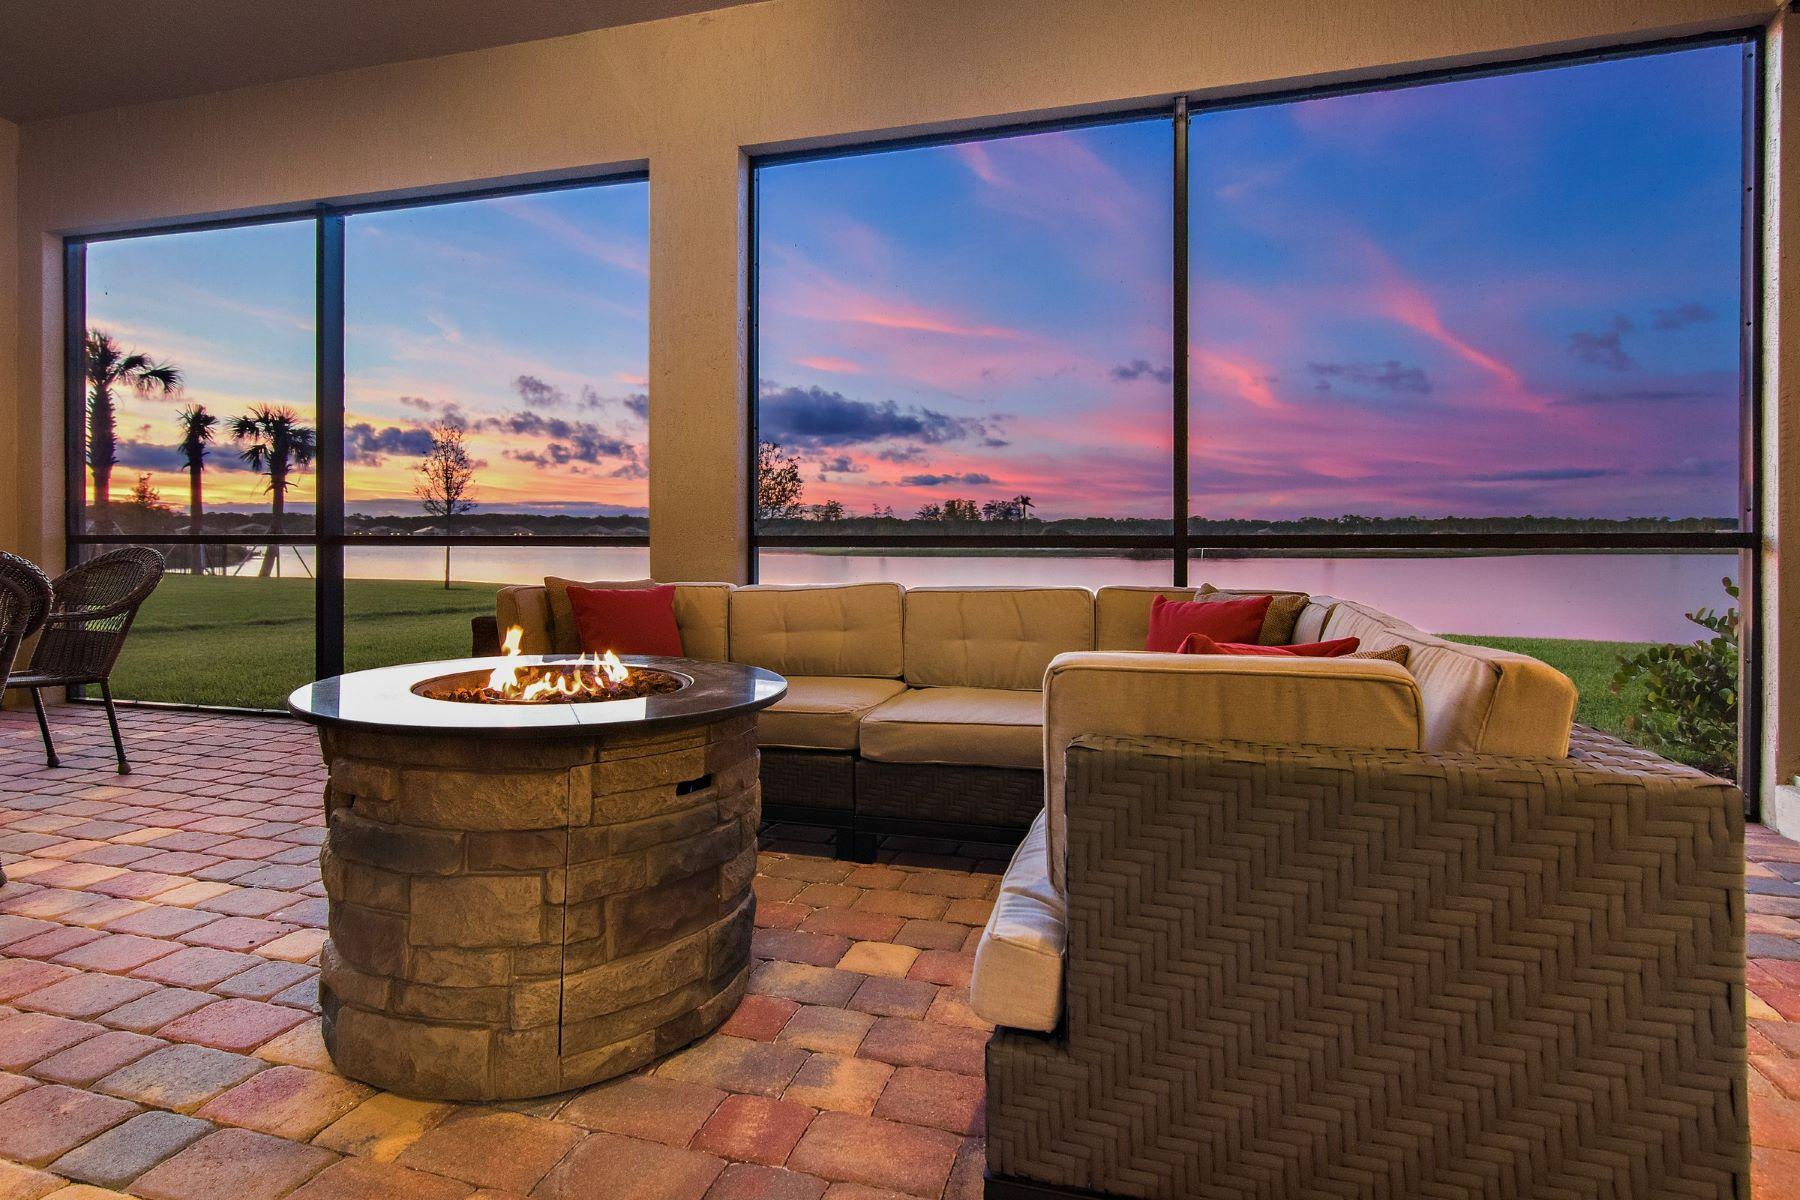 Частный односемейный дом для того Продажа на 225 Sonoma Isles Circle 225 S onoma Isles Circle, Jupiter, Флорида, 33478 Соединенные Штаты